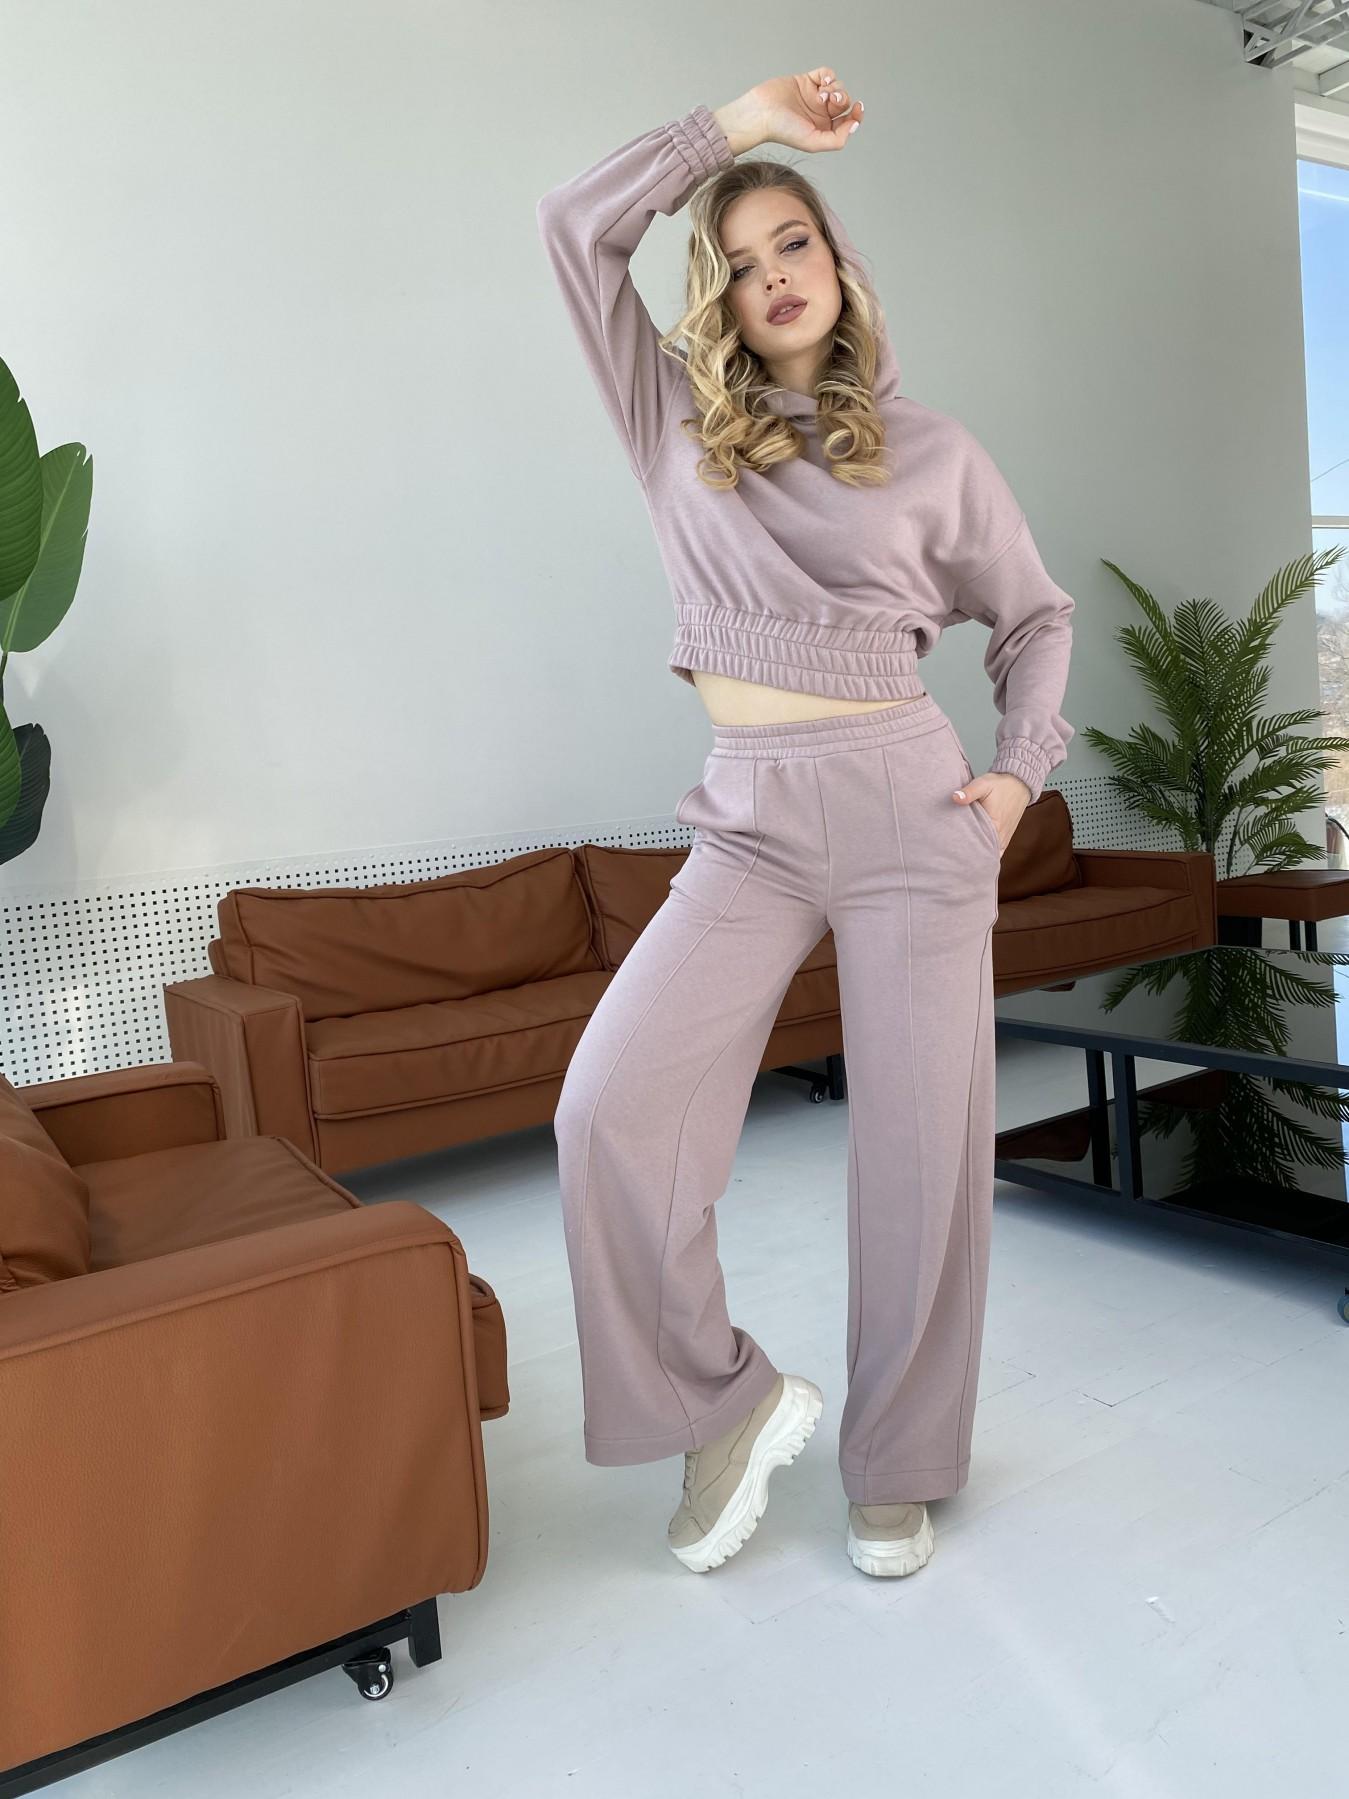 Бейби  прогулочный костюм из 3х нитки 10812 АРТ. 47278 Цвет: Кофе - фото 5, интернет магазин tm-modus.ru